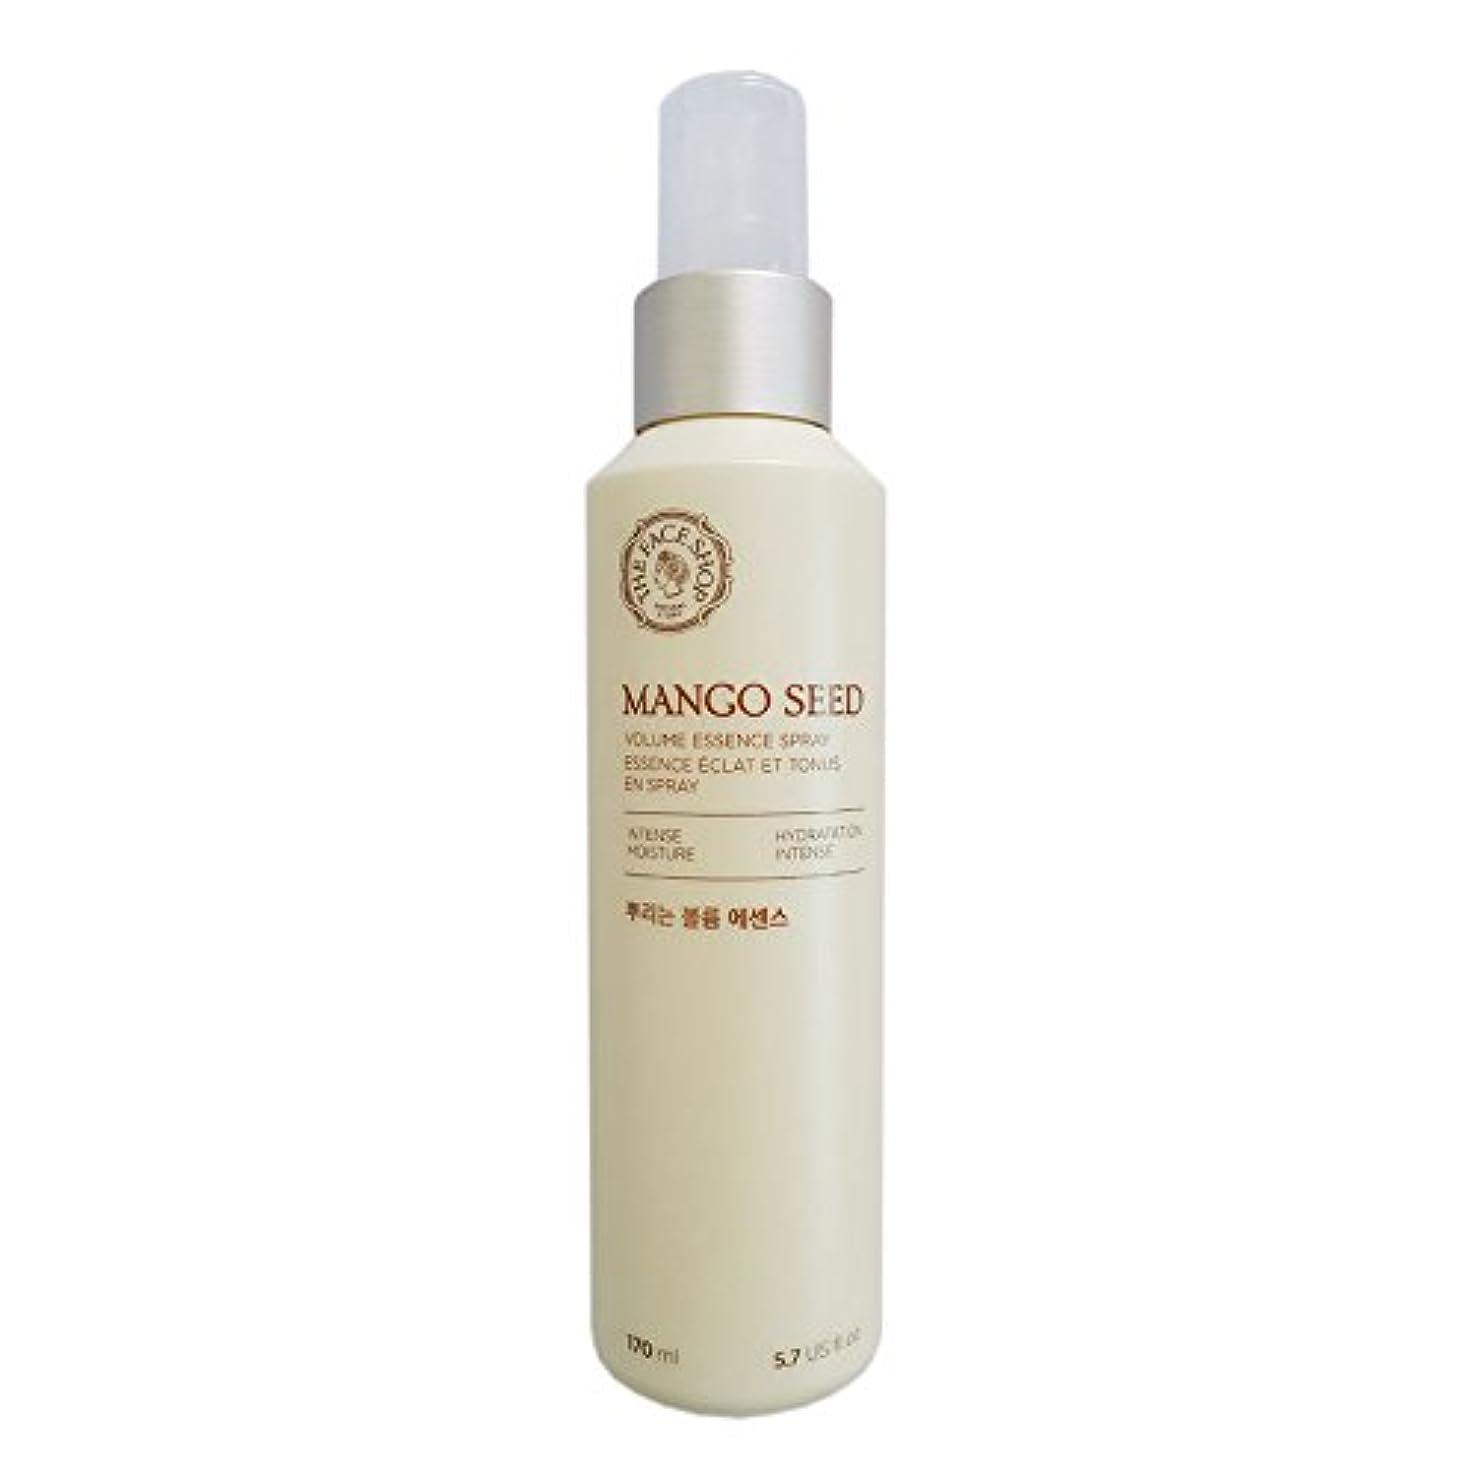 表向きホステルグラディス[ザフェイスショップ] THE FACE SHOP マンゴシードスプレーボリューム?エッセンス(170ml) The Face Shop Mango Seed Volume Essence Spray (170ml) [...